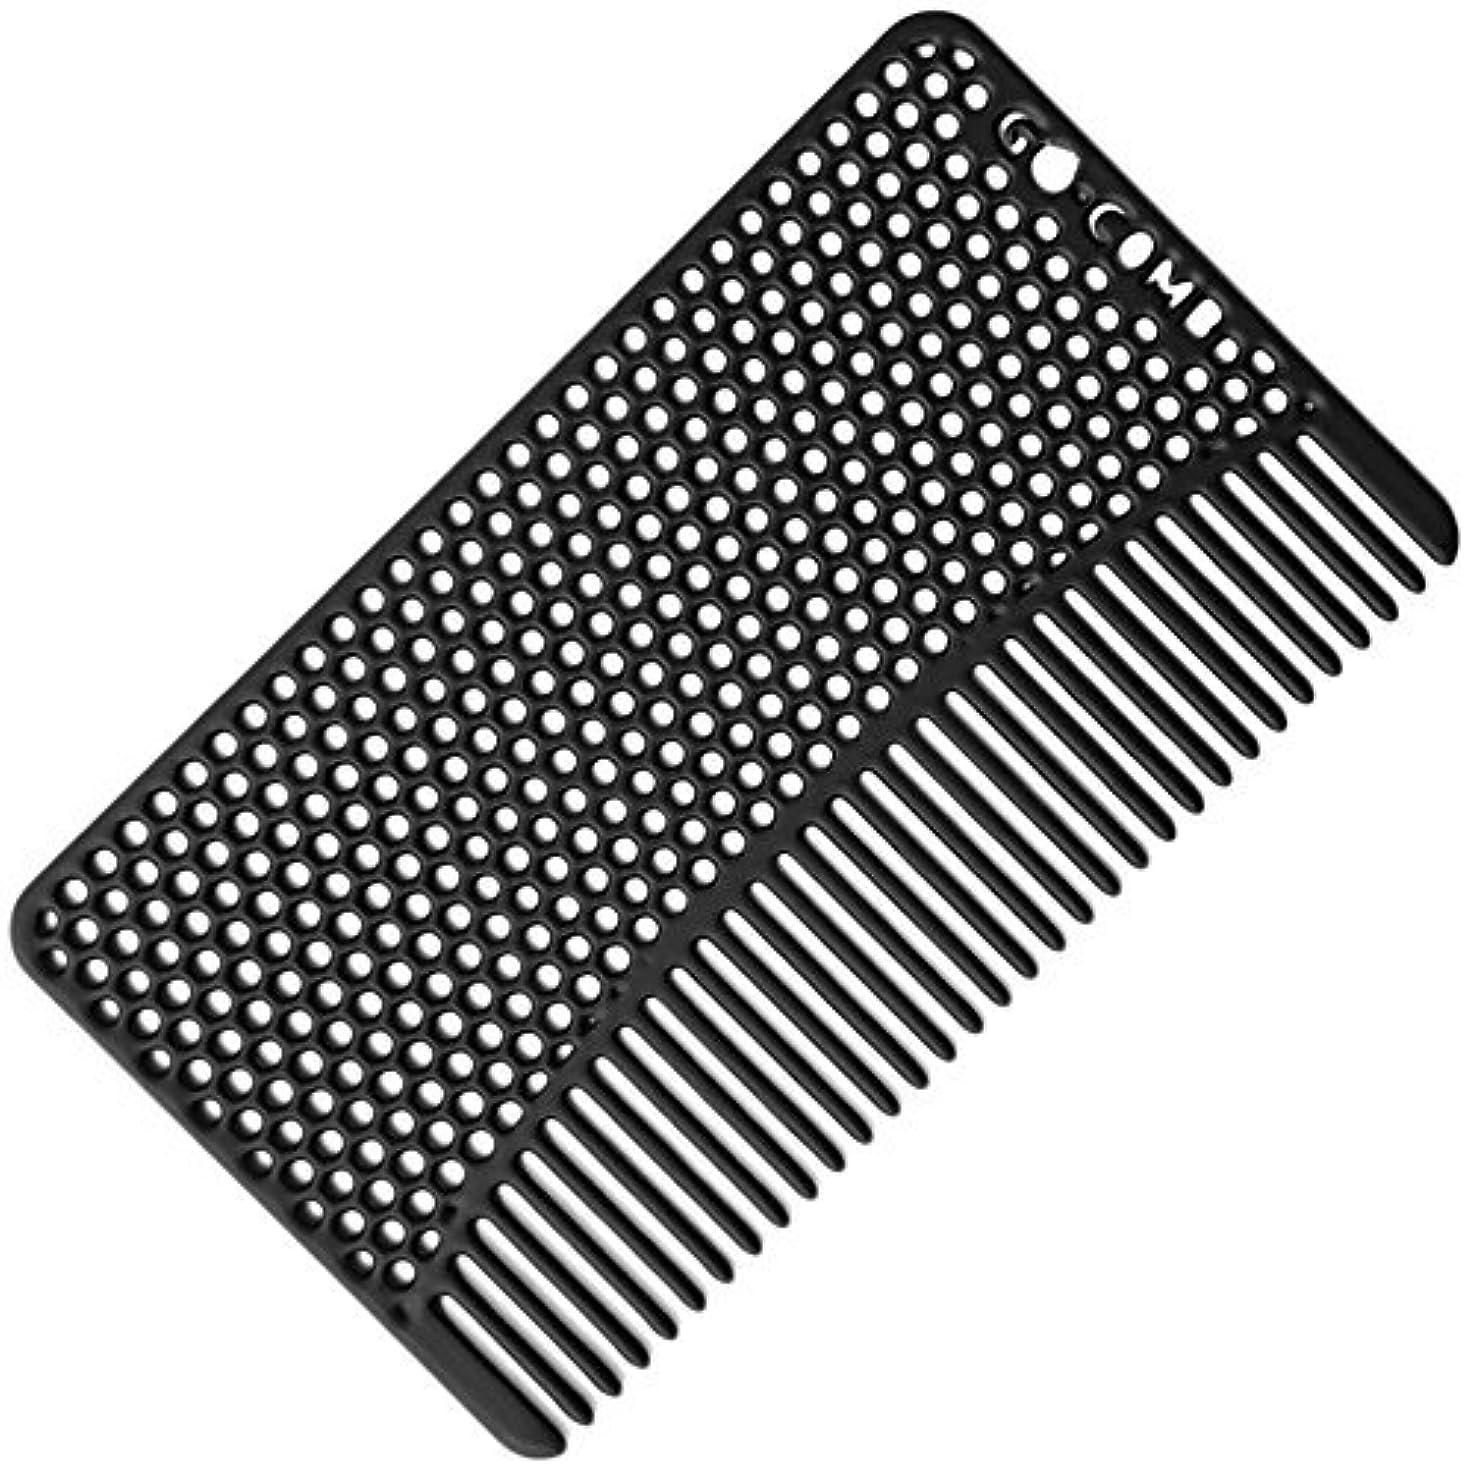 ミトン優先適合するGo-Comb - Wallet Comb - Sleek, Durable Stainless Steel Hair and Beard Comb - Black [並行輸入品]